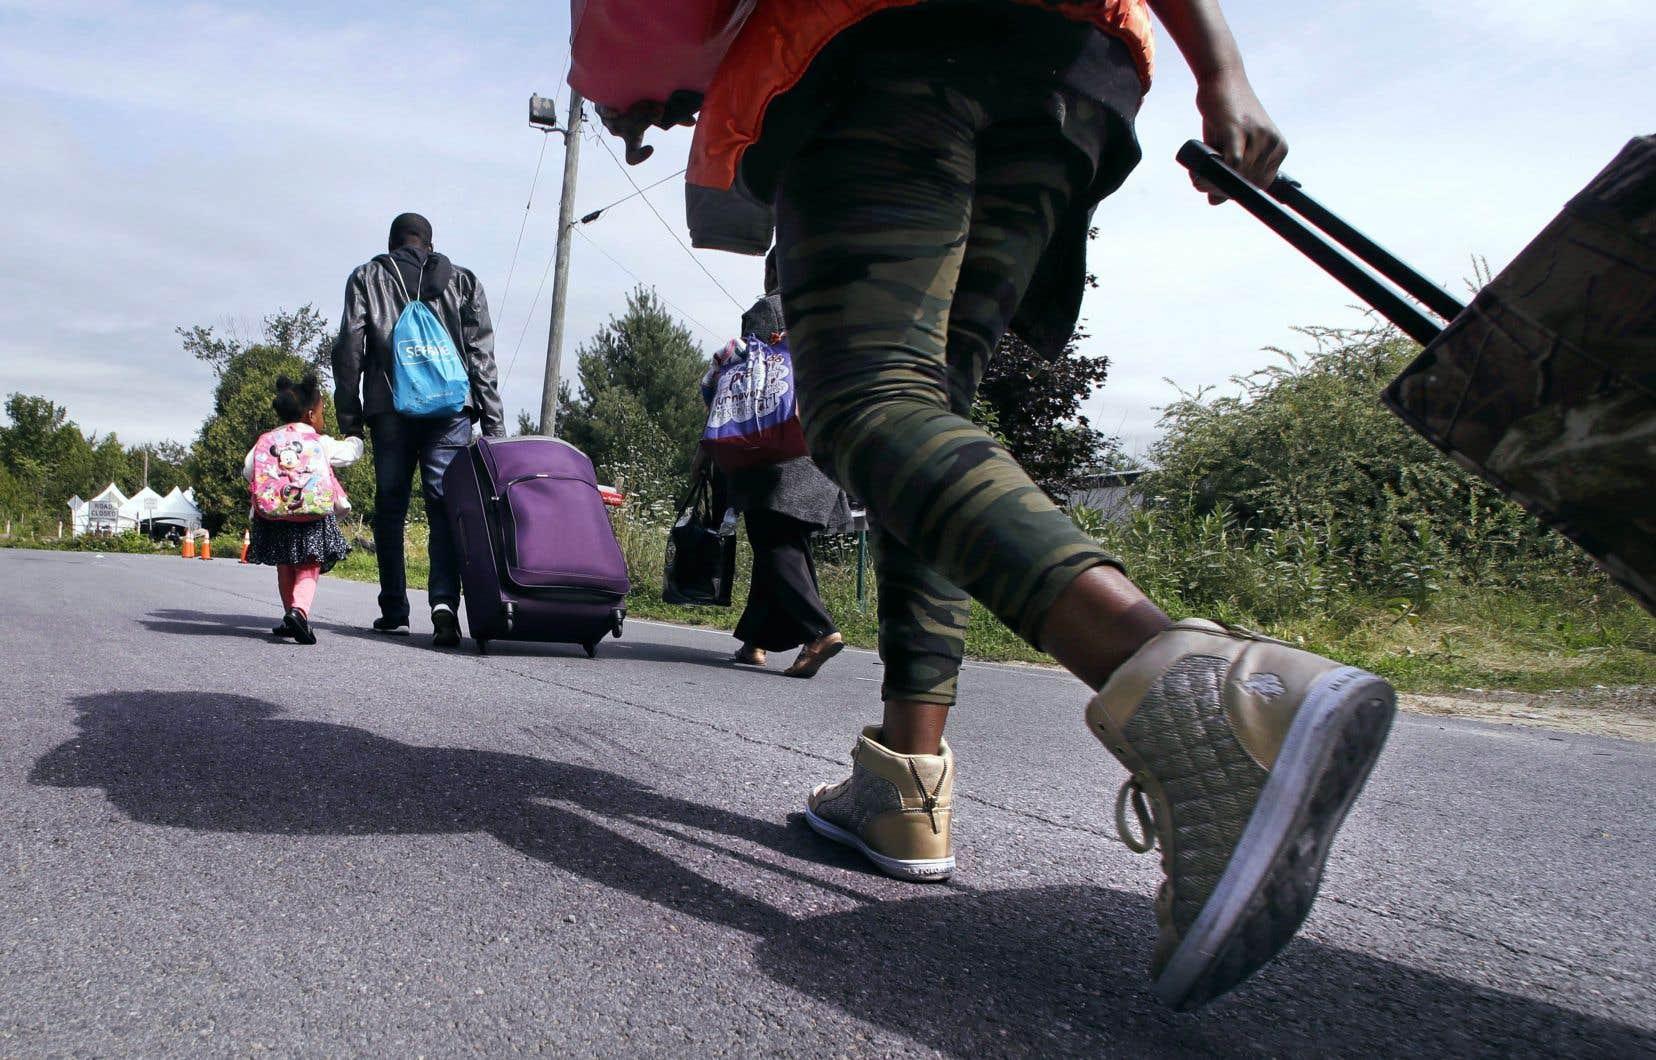 «Même si le parrainage collectif ne représente qu'une réponse limitée devant l'ampleur des déplacements forcés sur la planète, nous demandons de lever les obstacles qui nous empêchent de manifester notre solidarité envers les personnes réfugiées à travers le monde», écrivent les autrices.